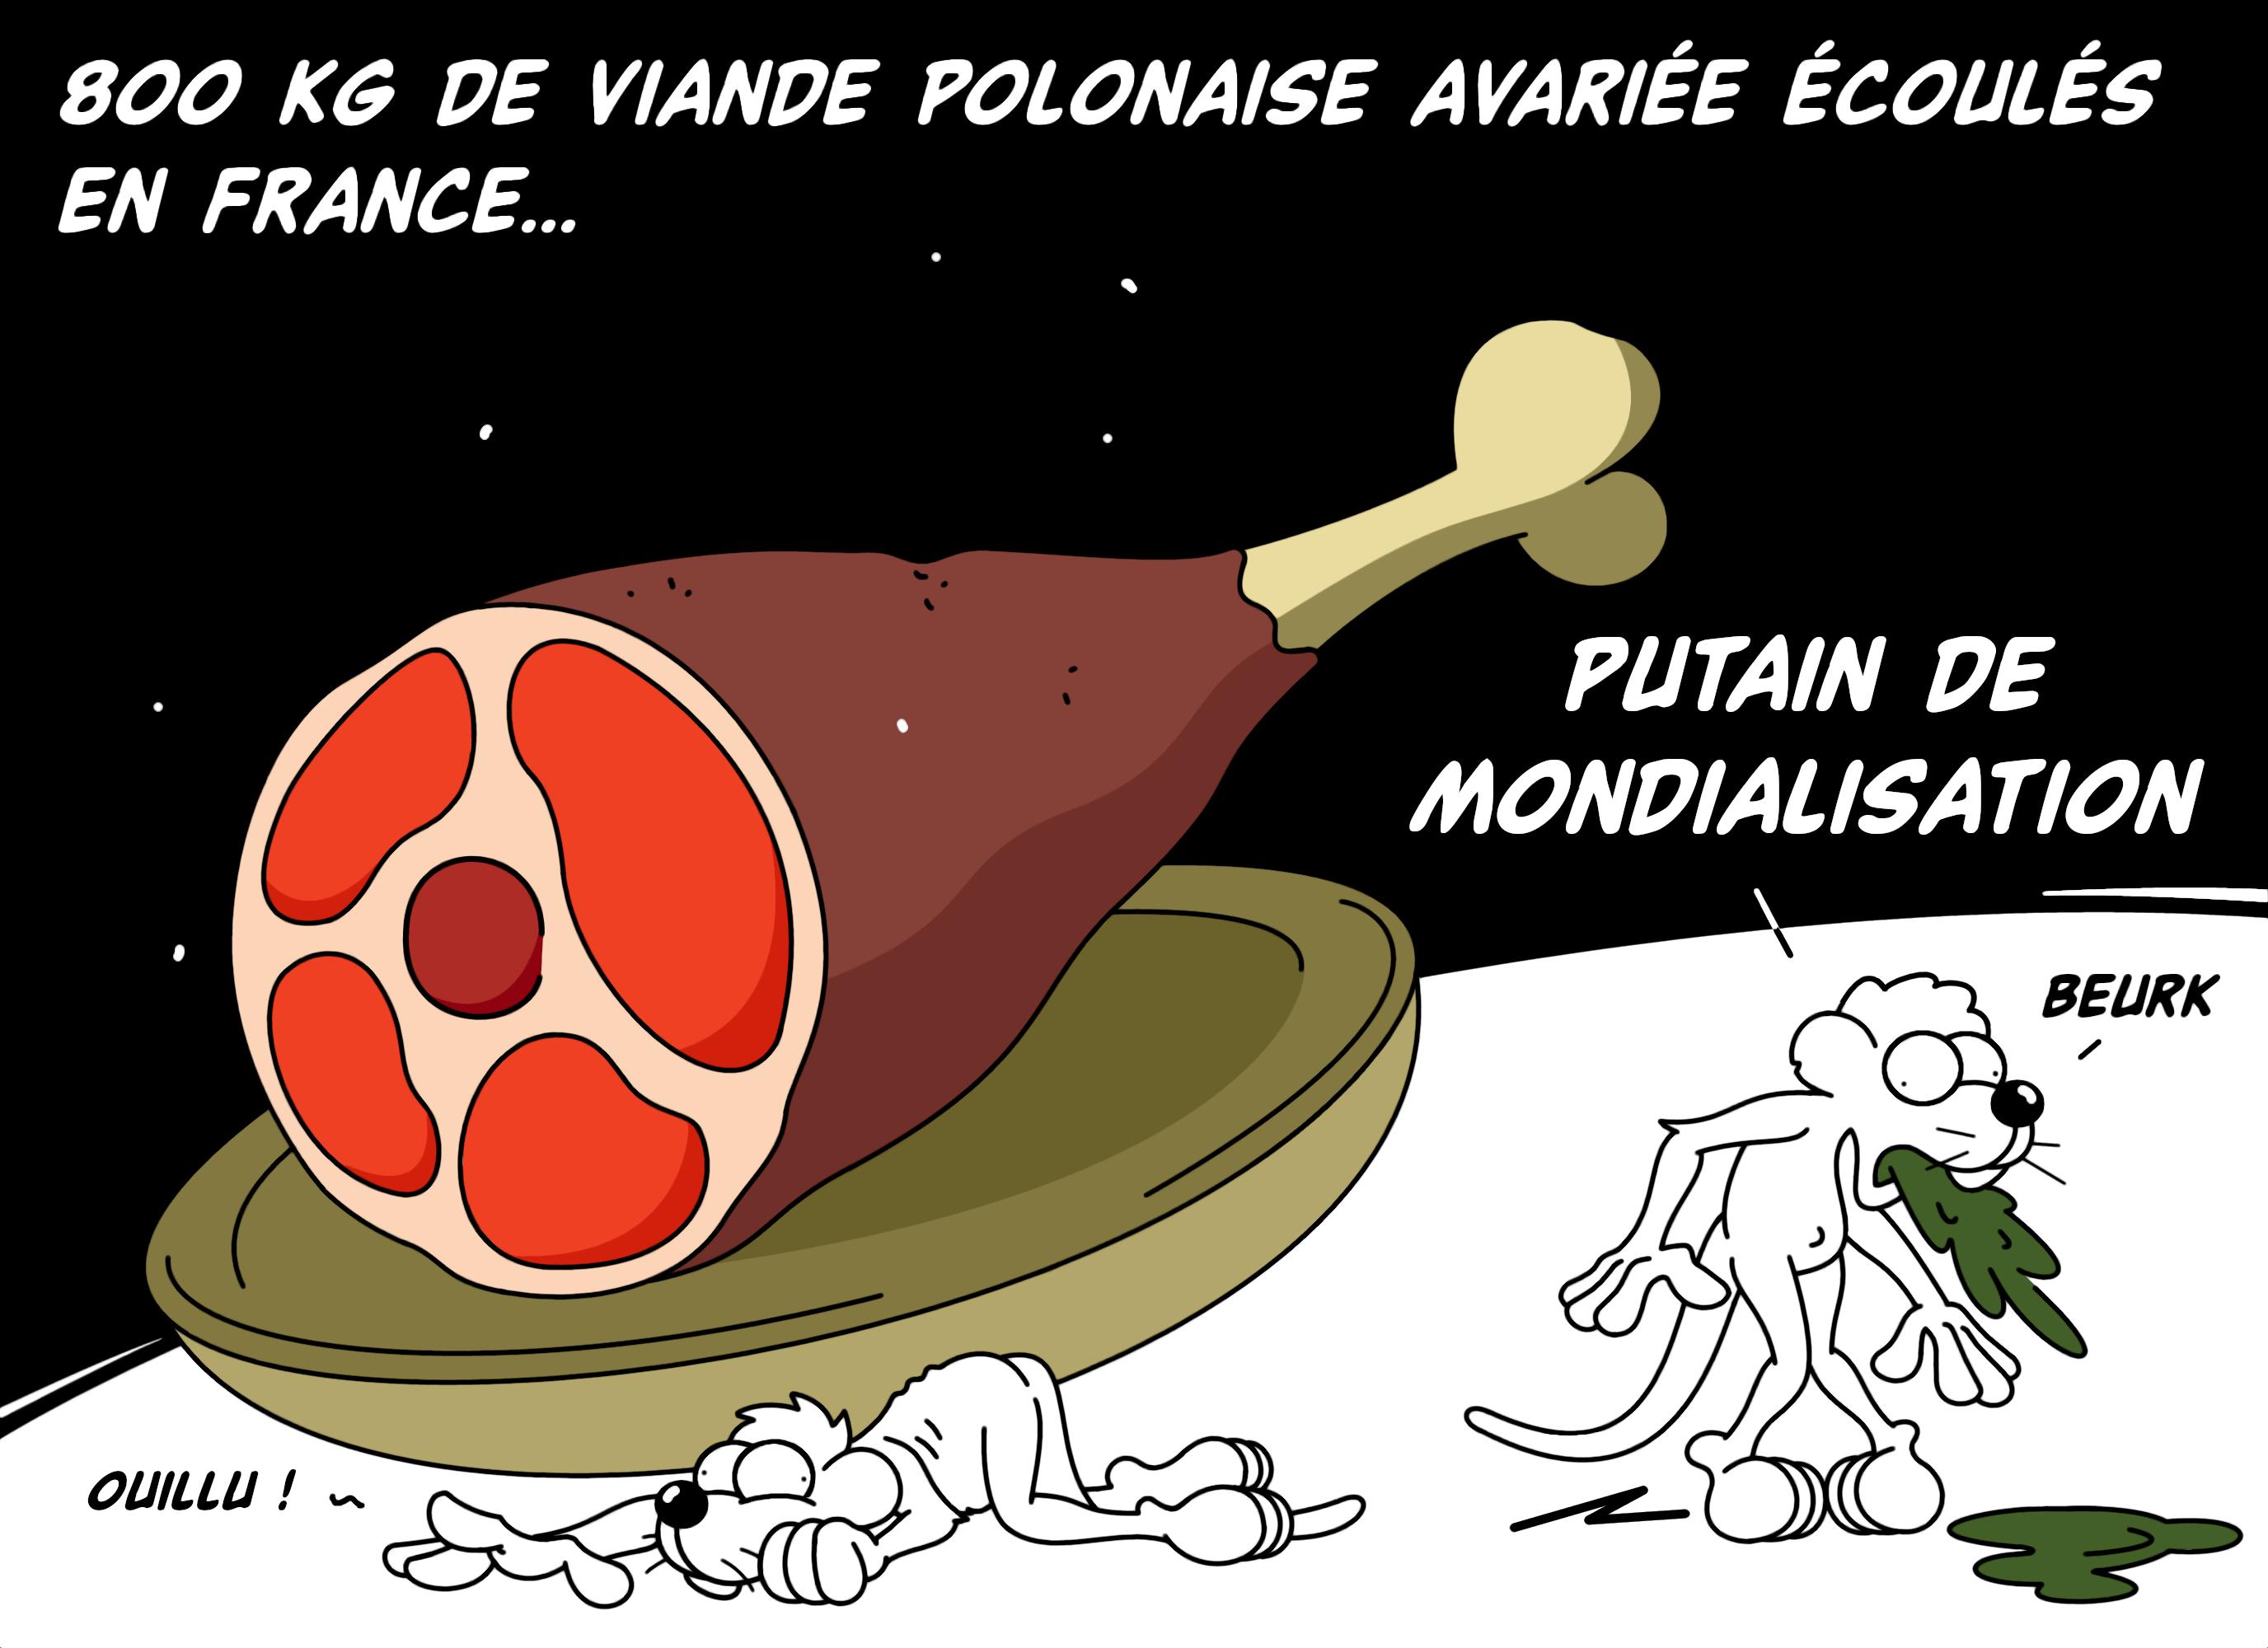 Dessin 800kg de viande polonaise avariée de Chag